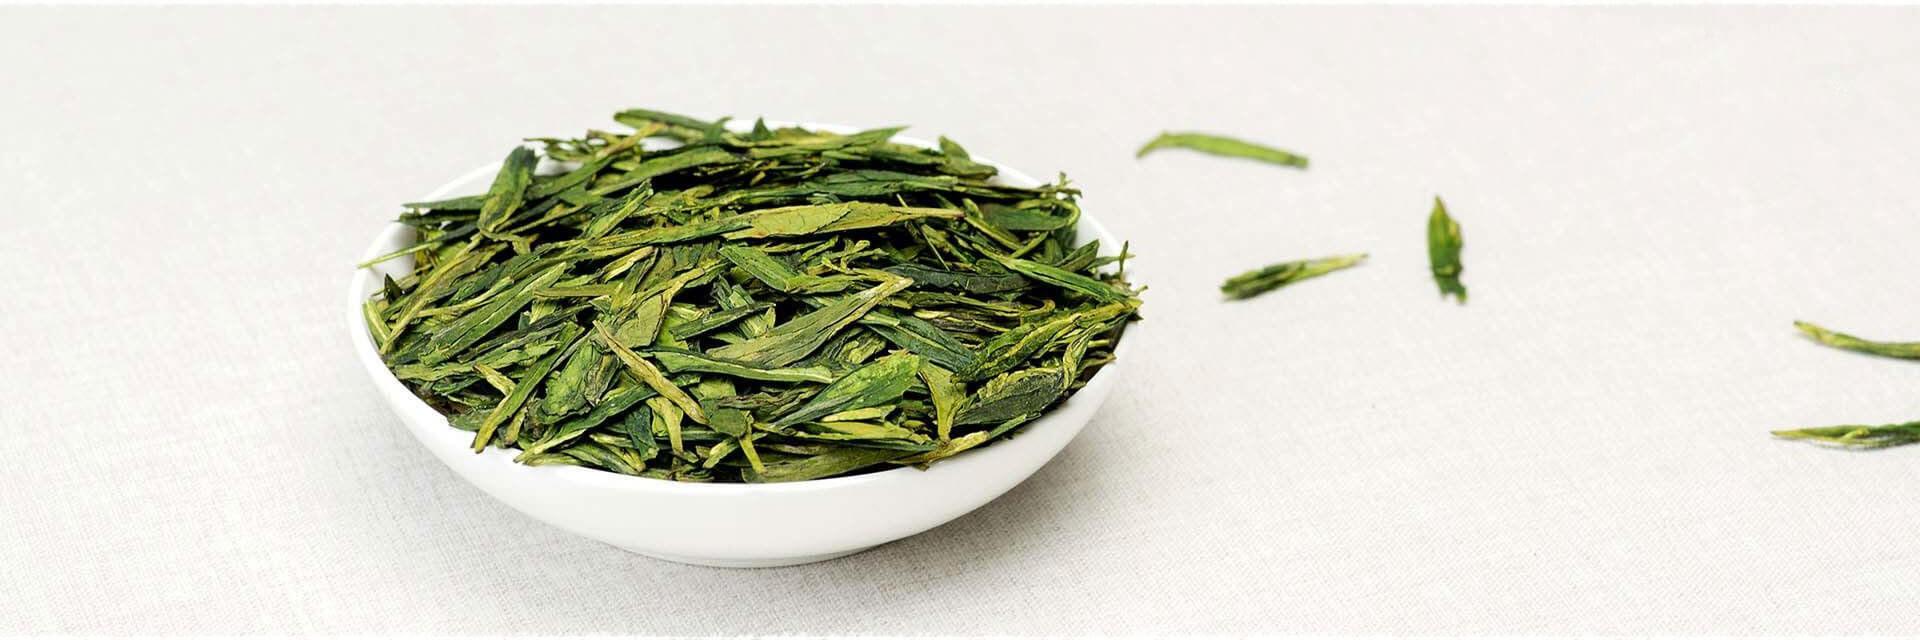 Dos de cabillaud poché au thé, crème au thé vert LongJing : recette basses calories.